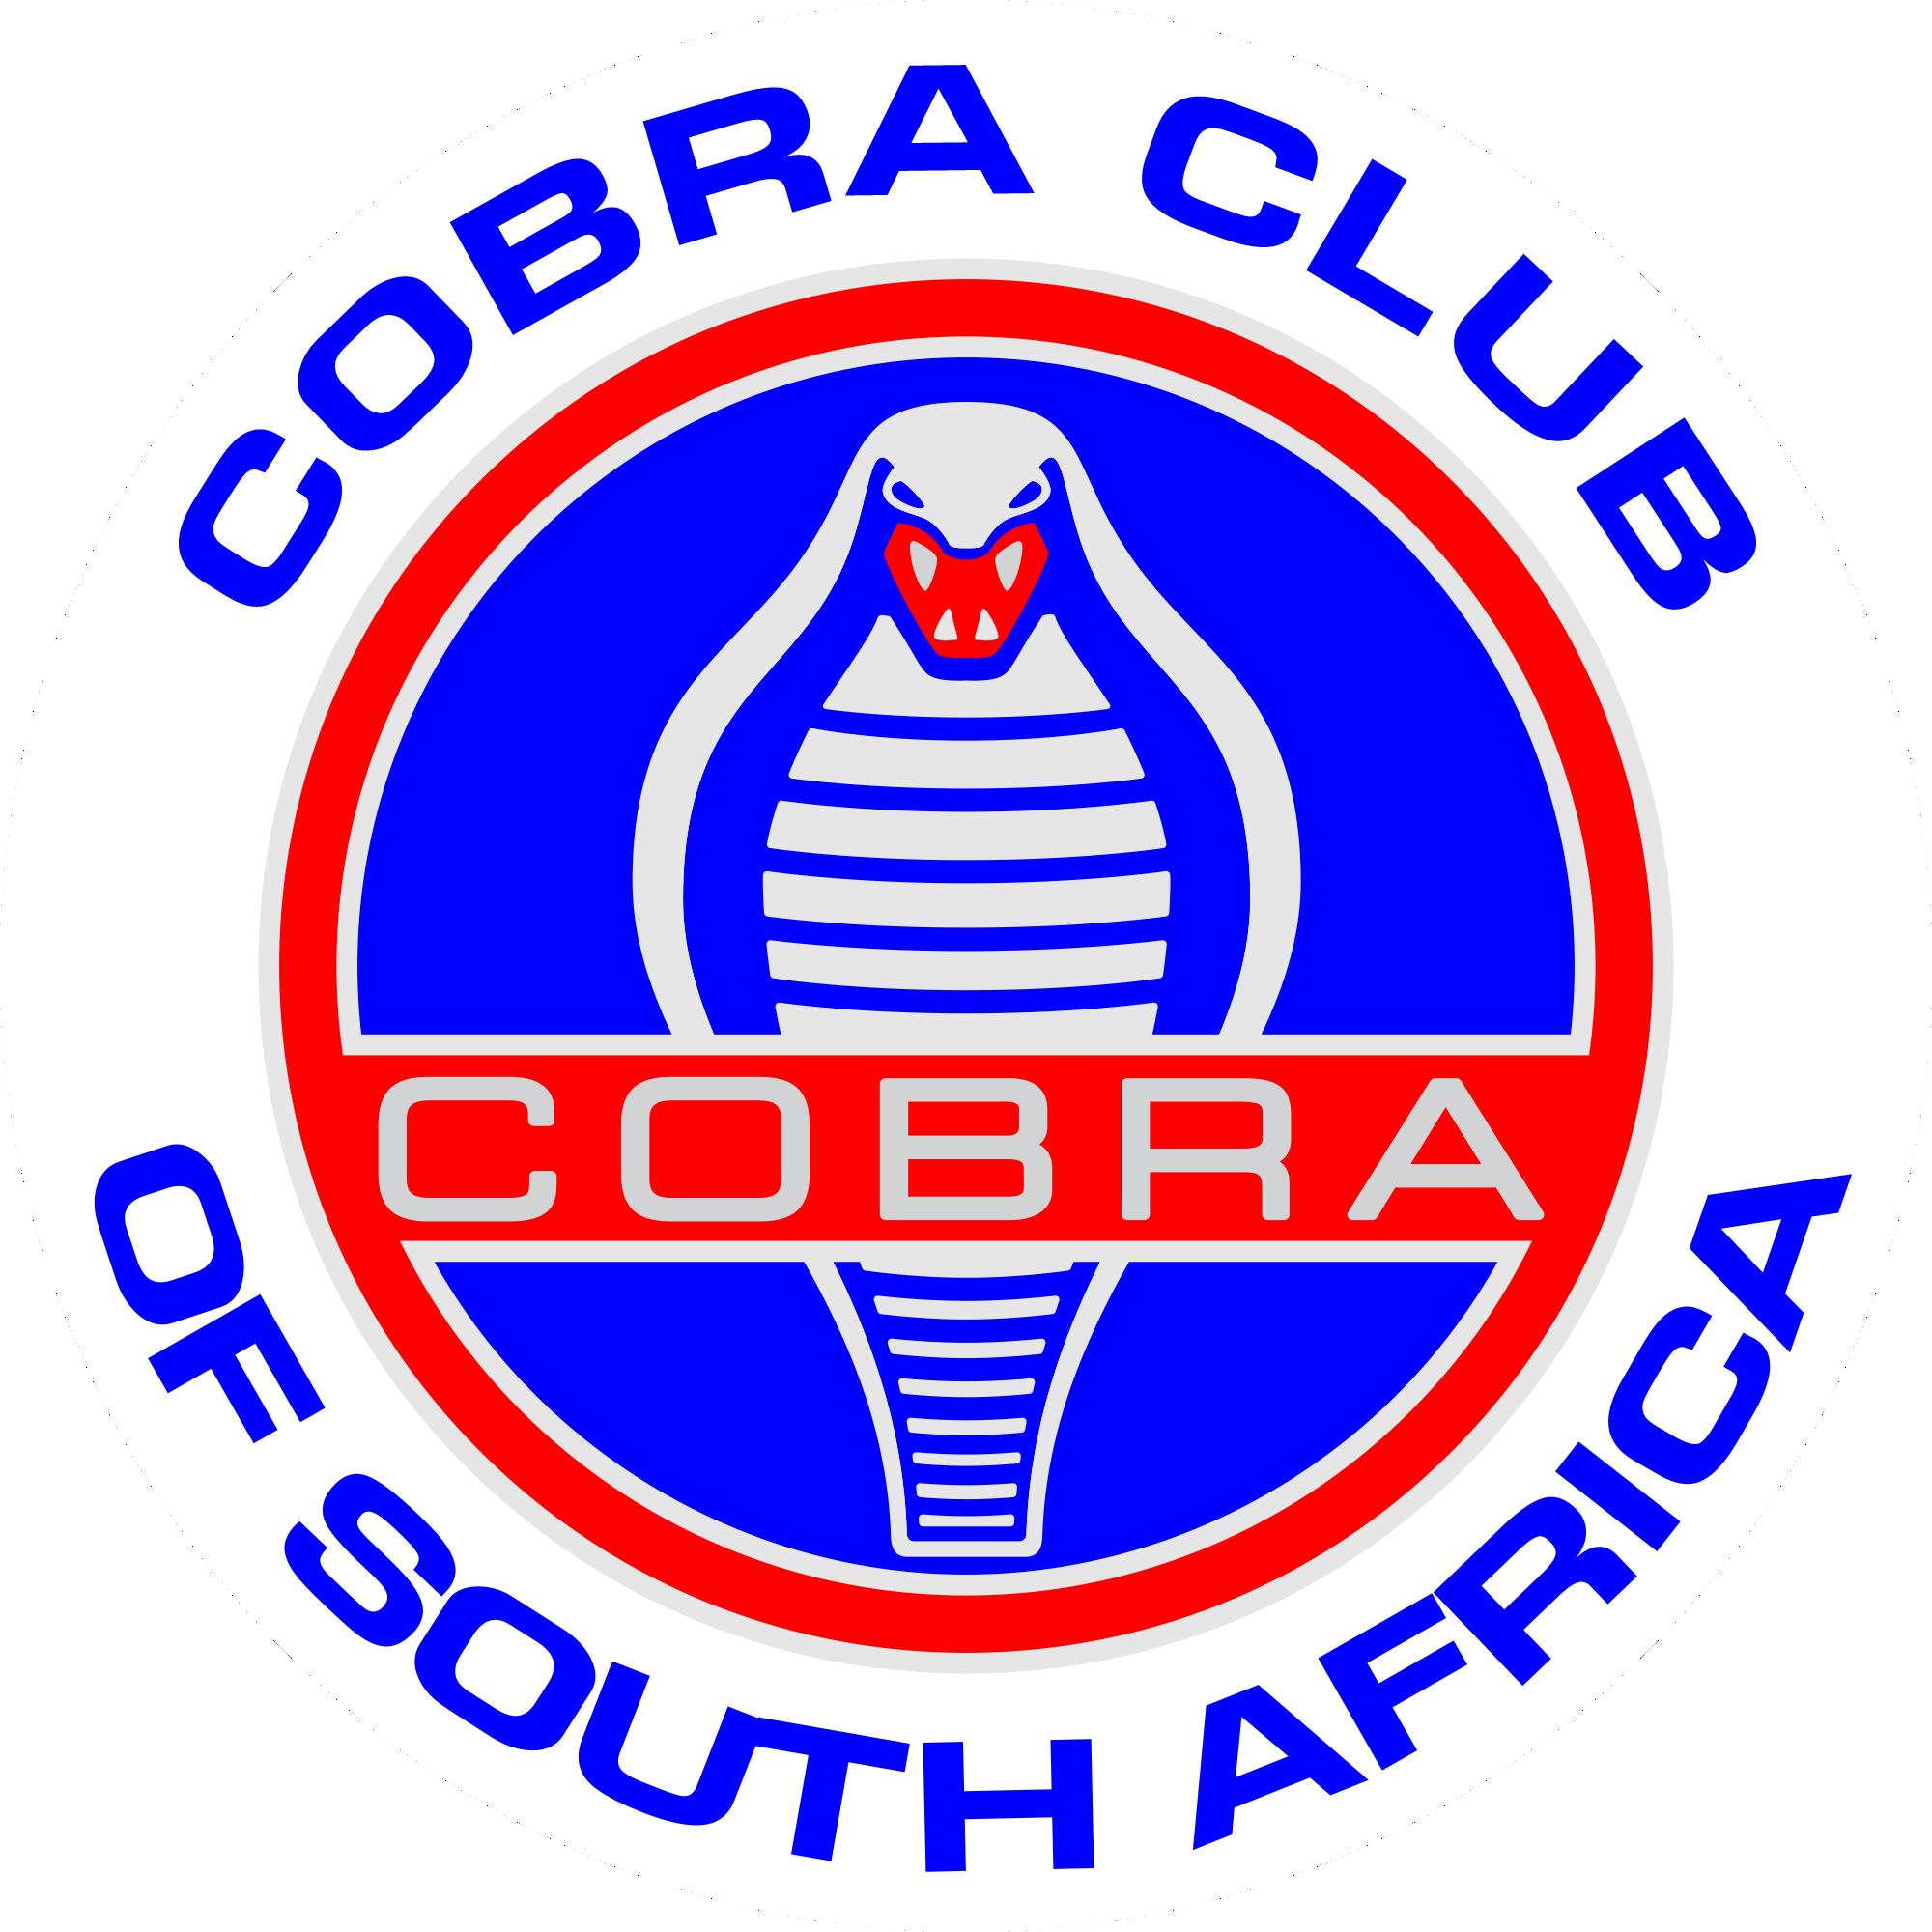 Cobra Club SA